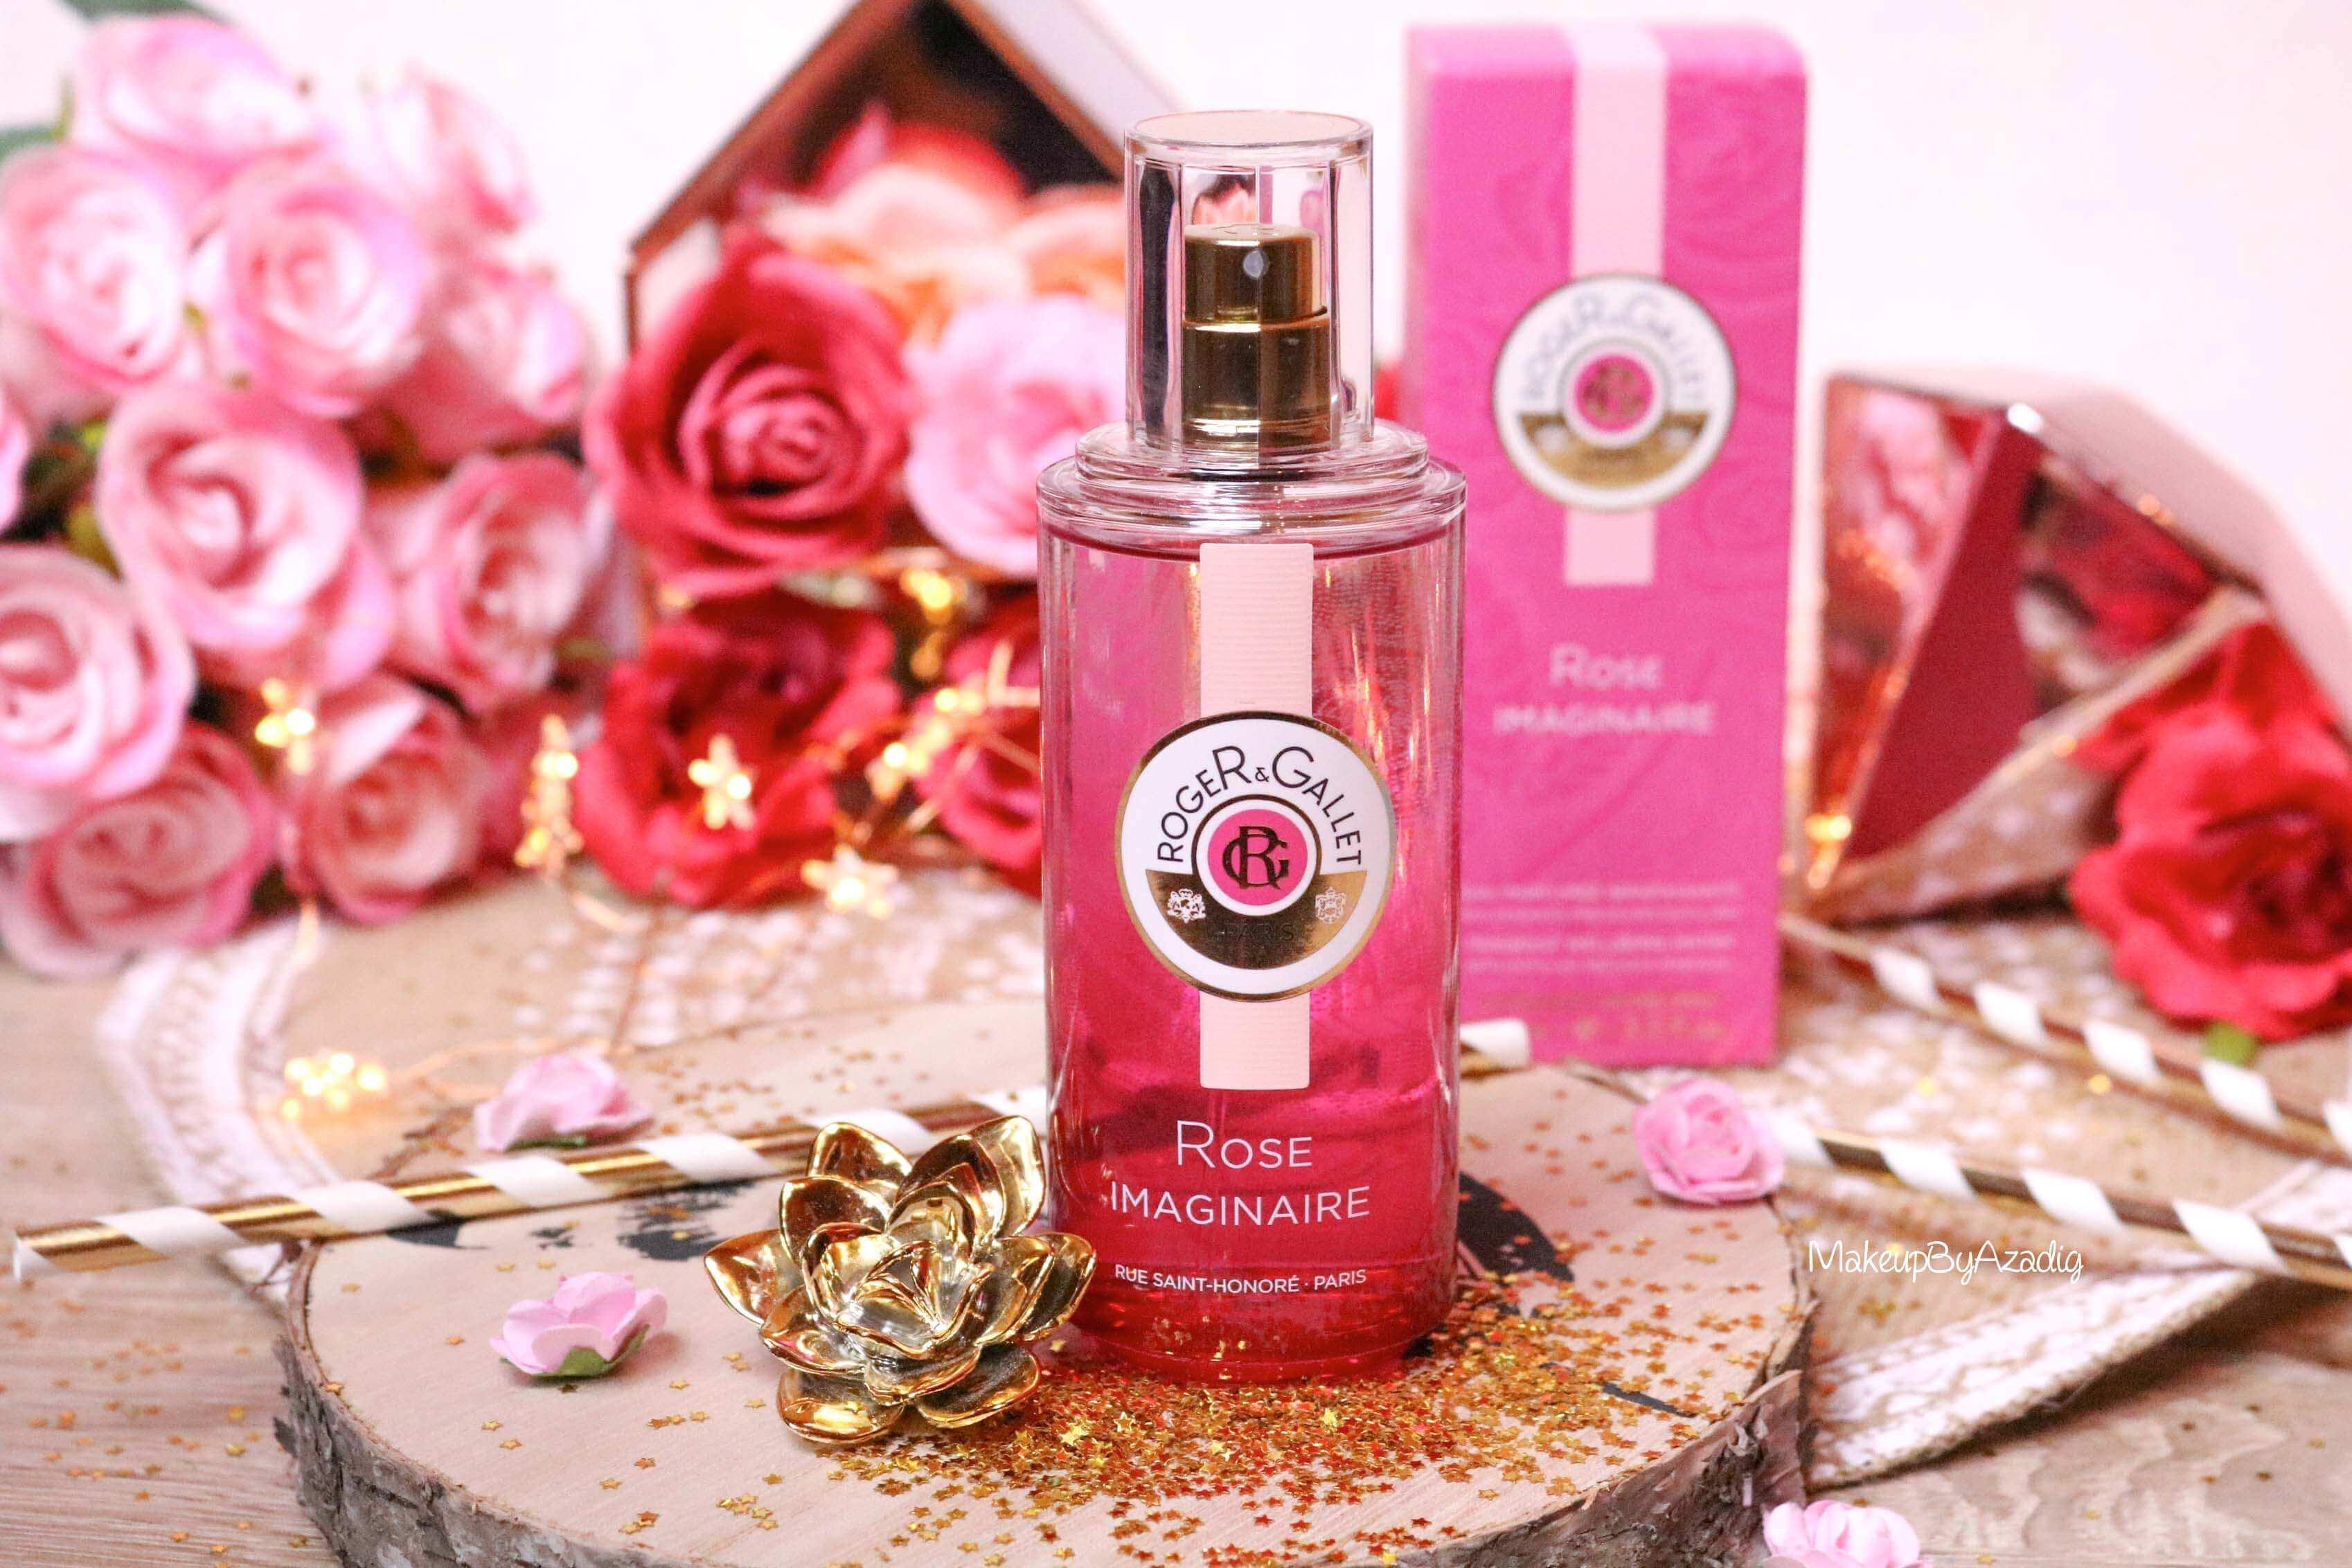 revue-eau-parfumee-bienfaisante-rose-imaginaire-roger-gallet-makeupbyazadig-parfum-bonne-tenue-avis-prix-monoprix-miniature